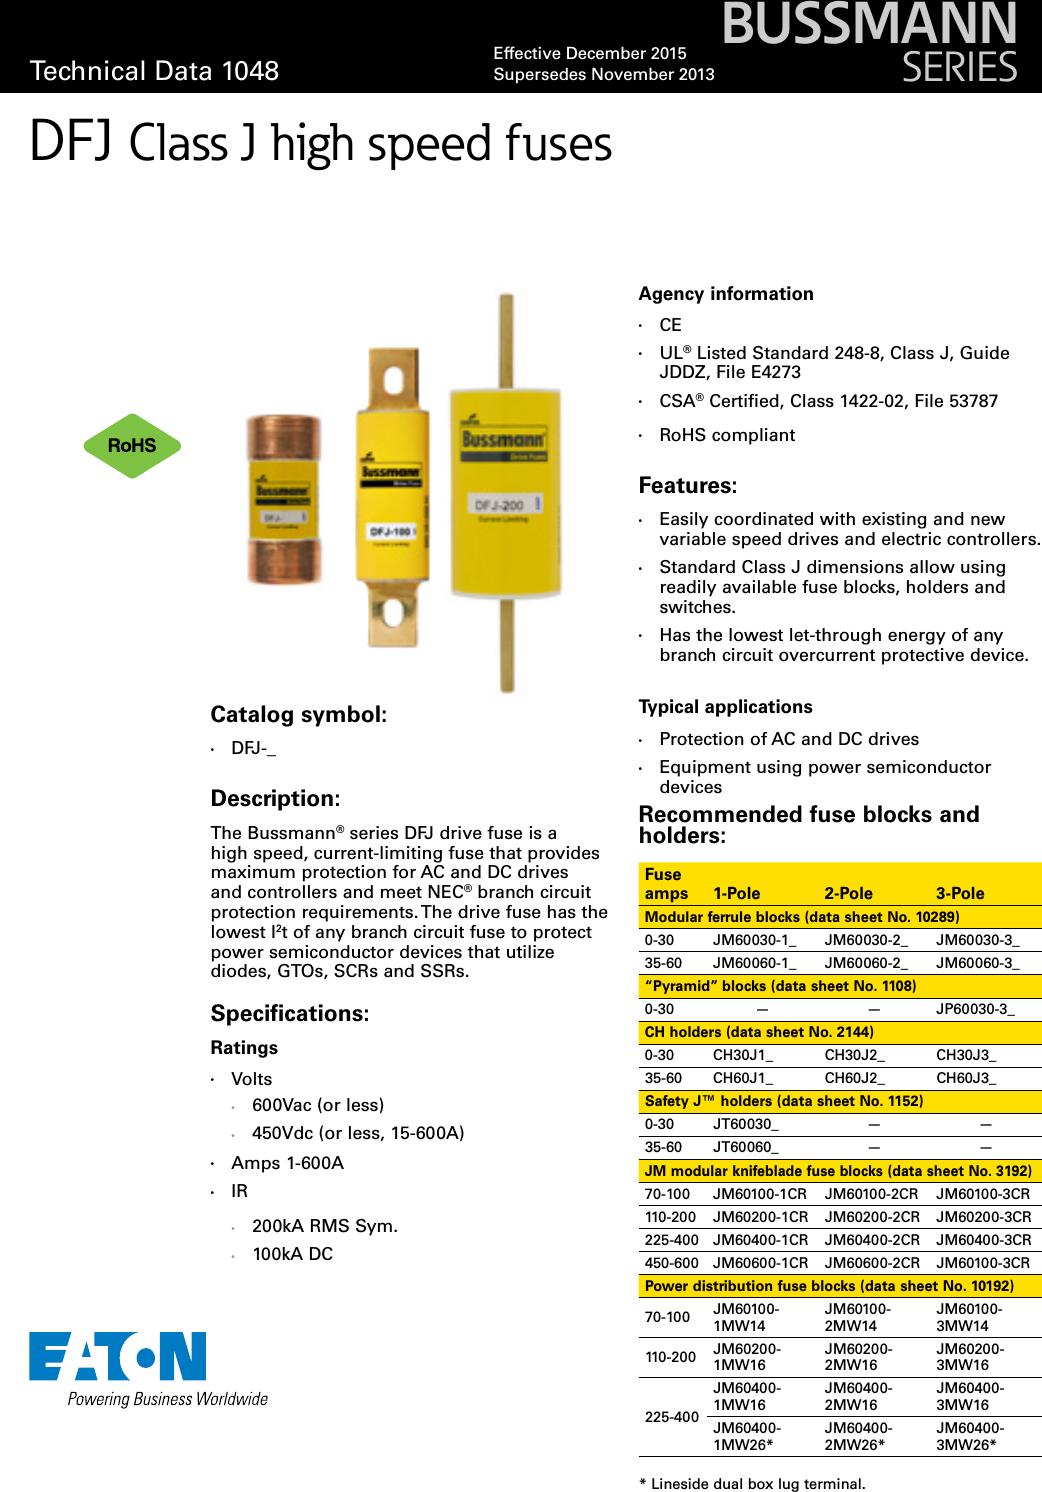 Bussmann Series Class J Dfj High Speed Fuse Data Sheet No 1048 Brochure Box Ads